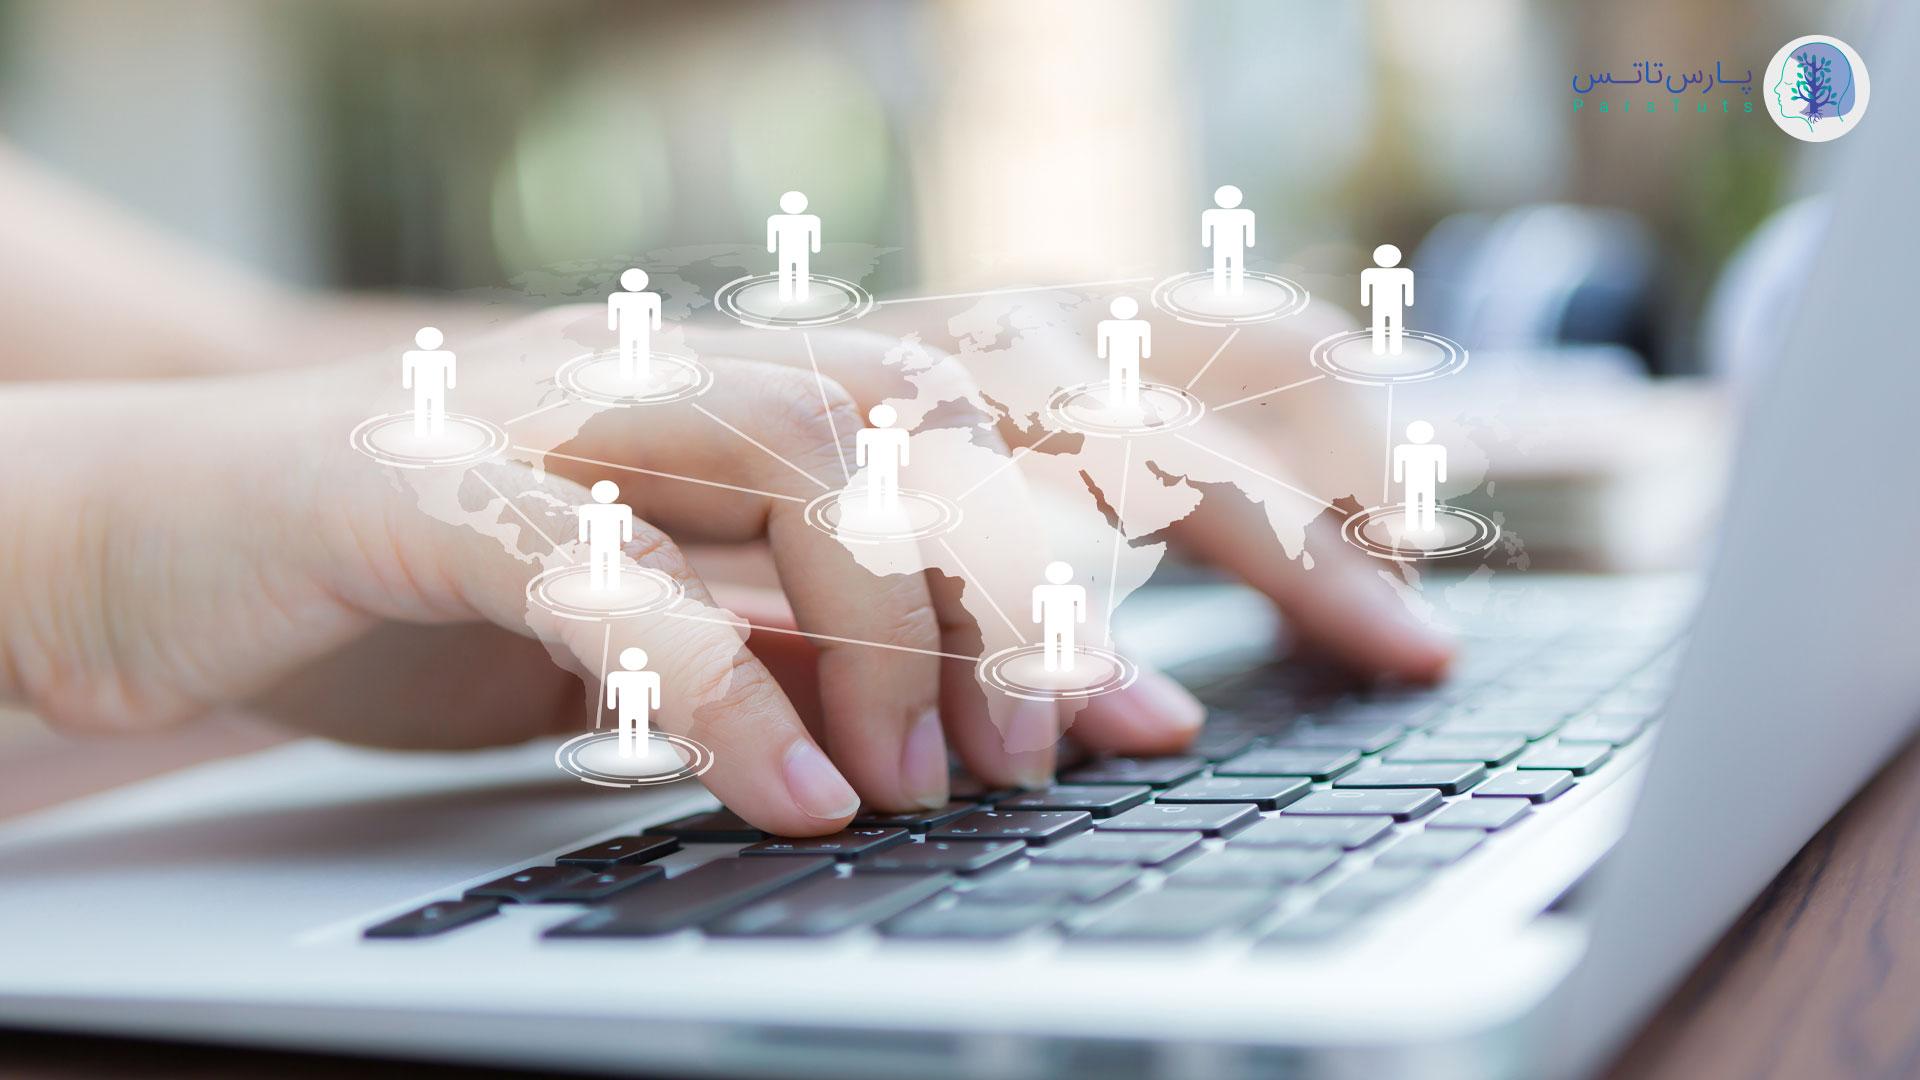 جست و جو در اینترنت و دانش در مورد کار تخصصی